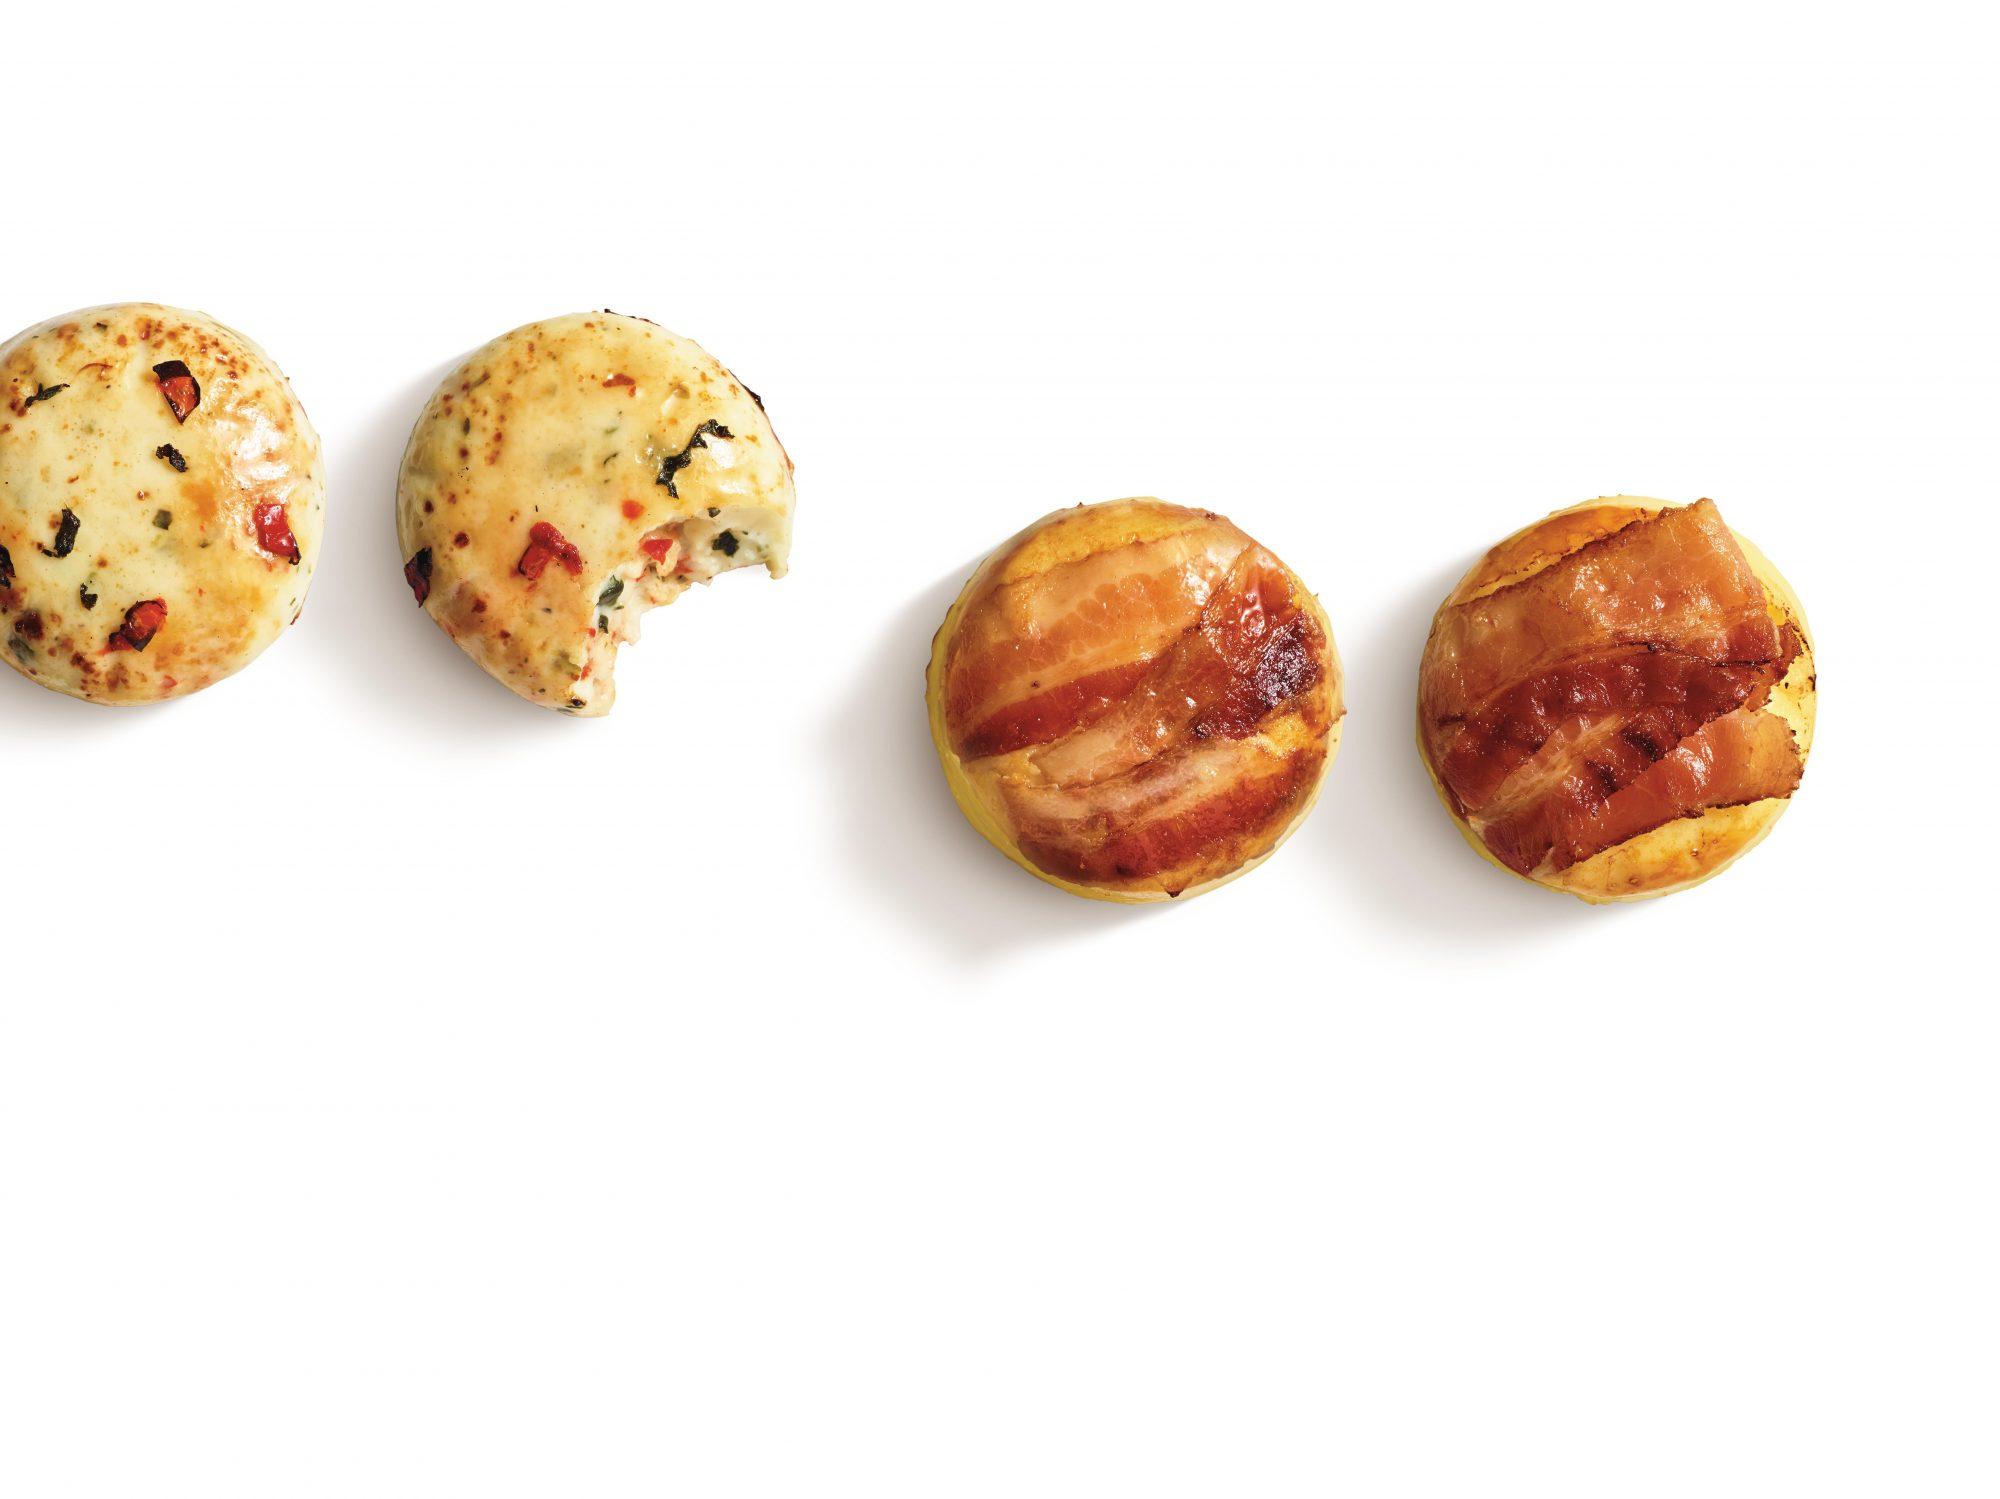 Starbucks-Sous-Vide-Eggs-Image